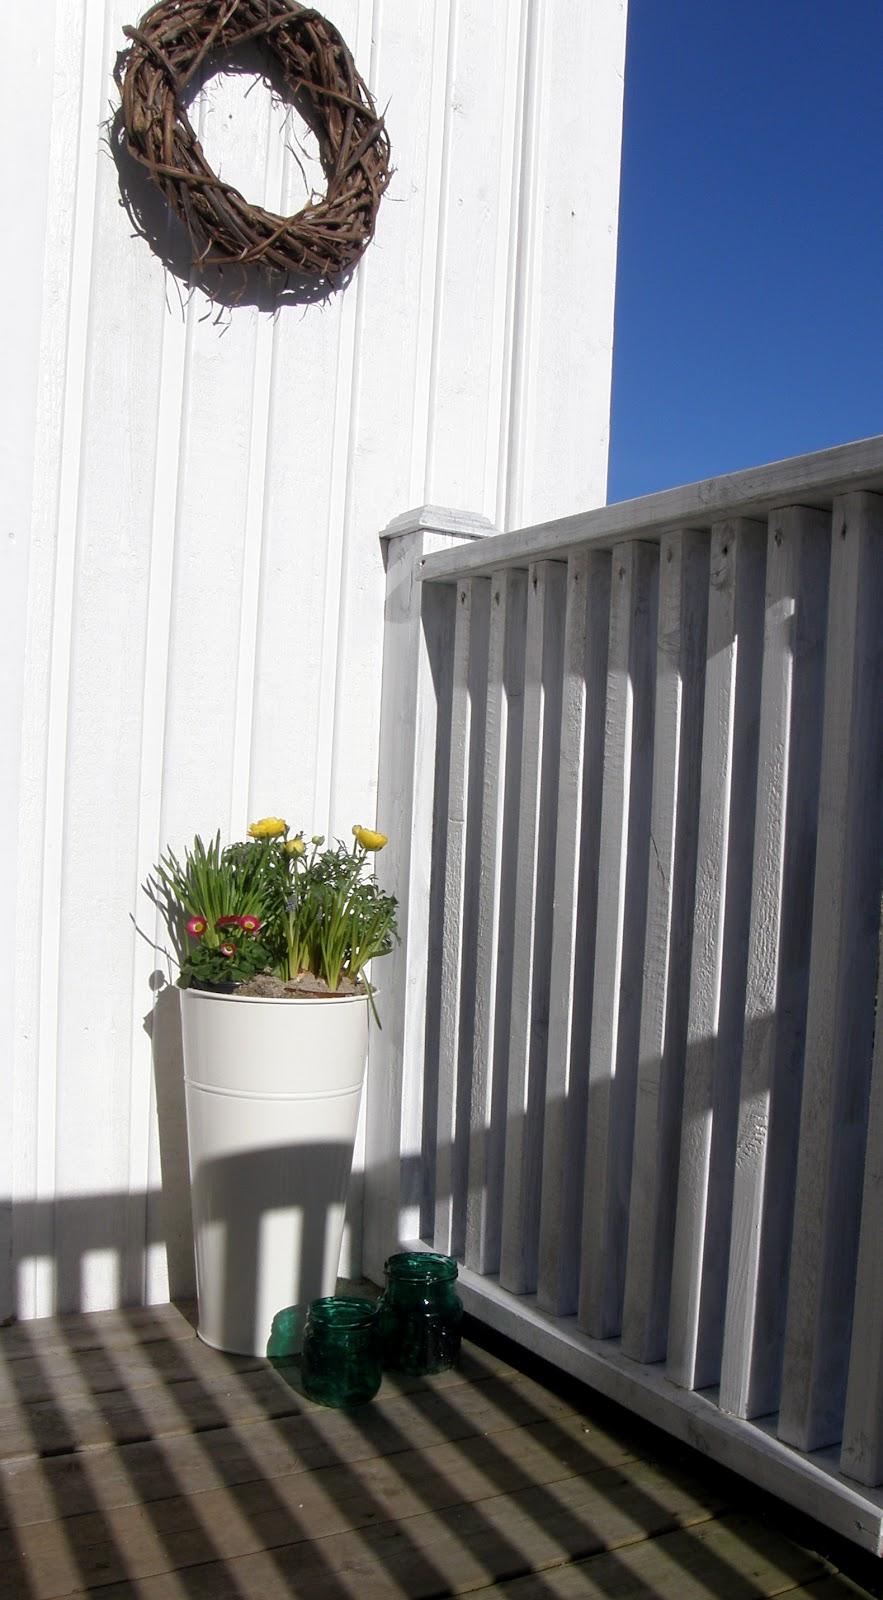 Et hageprosjekt: februar 2012